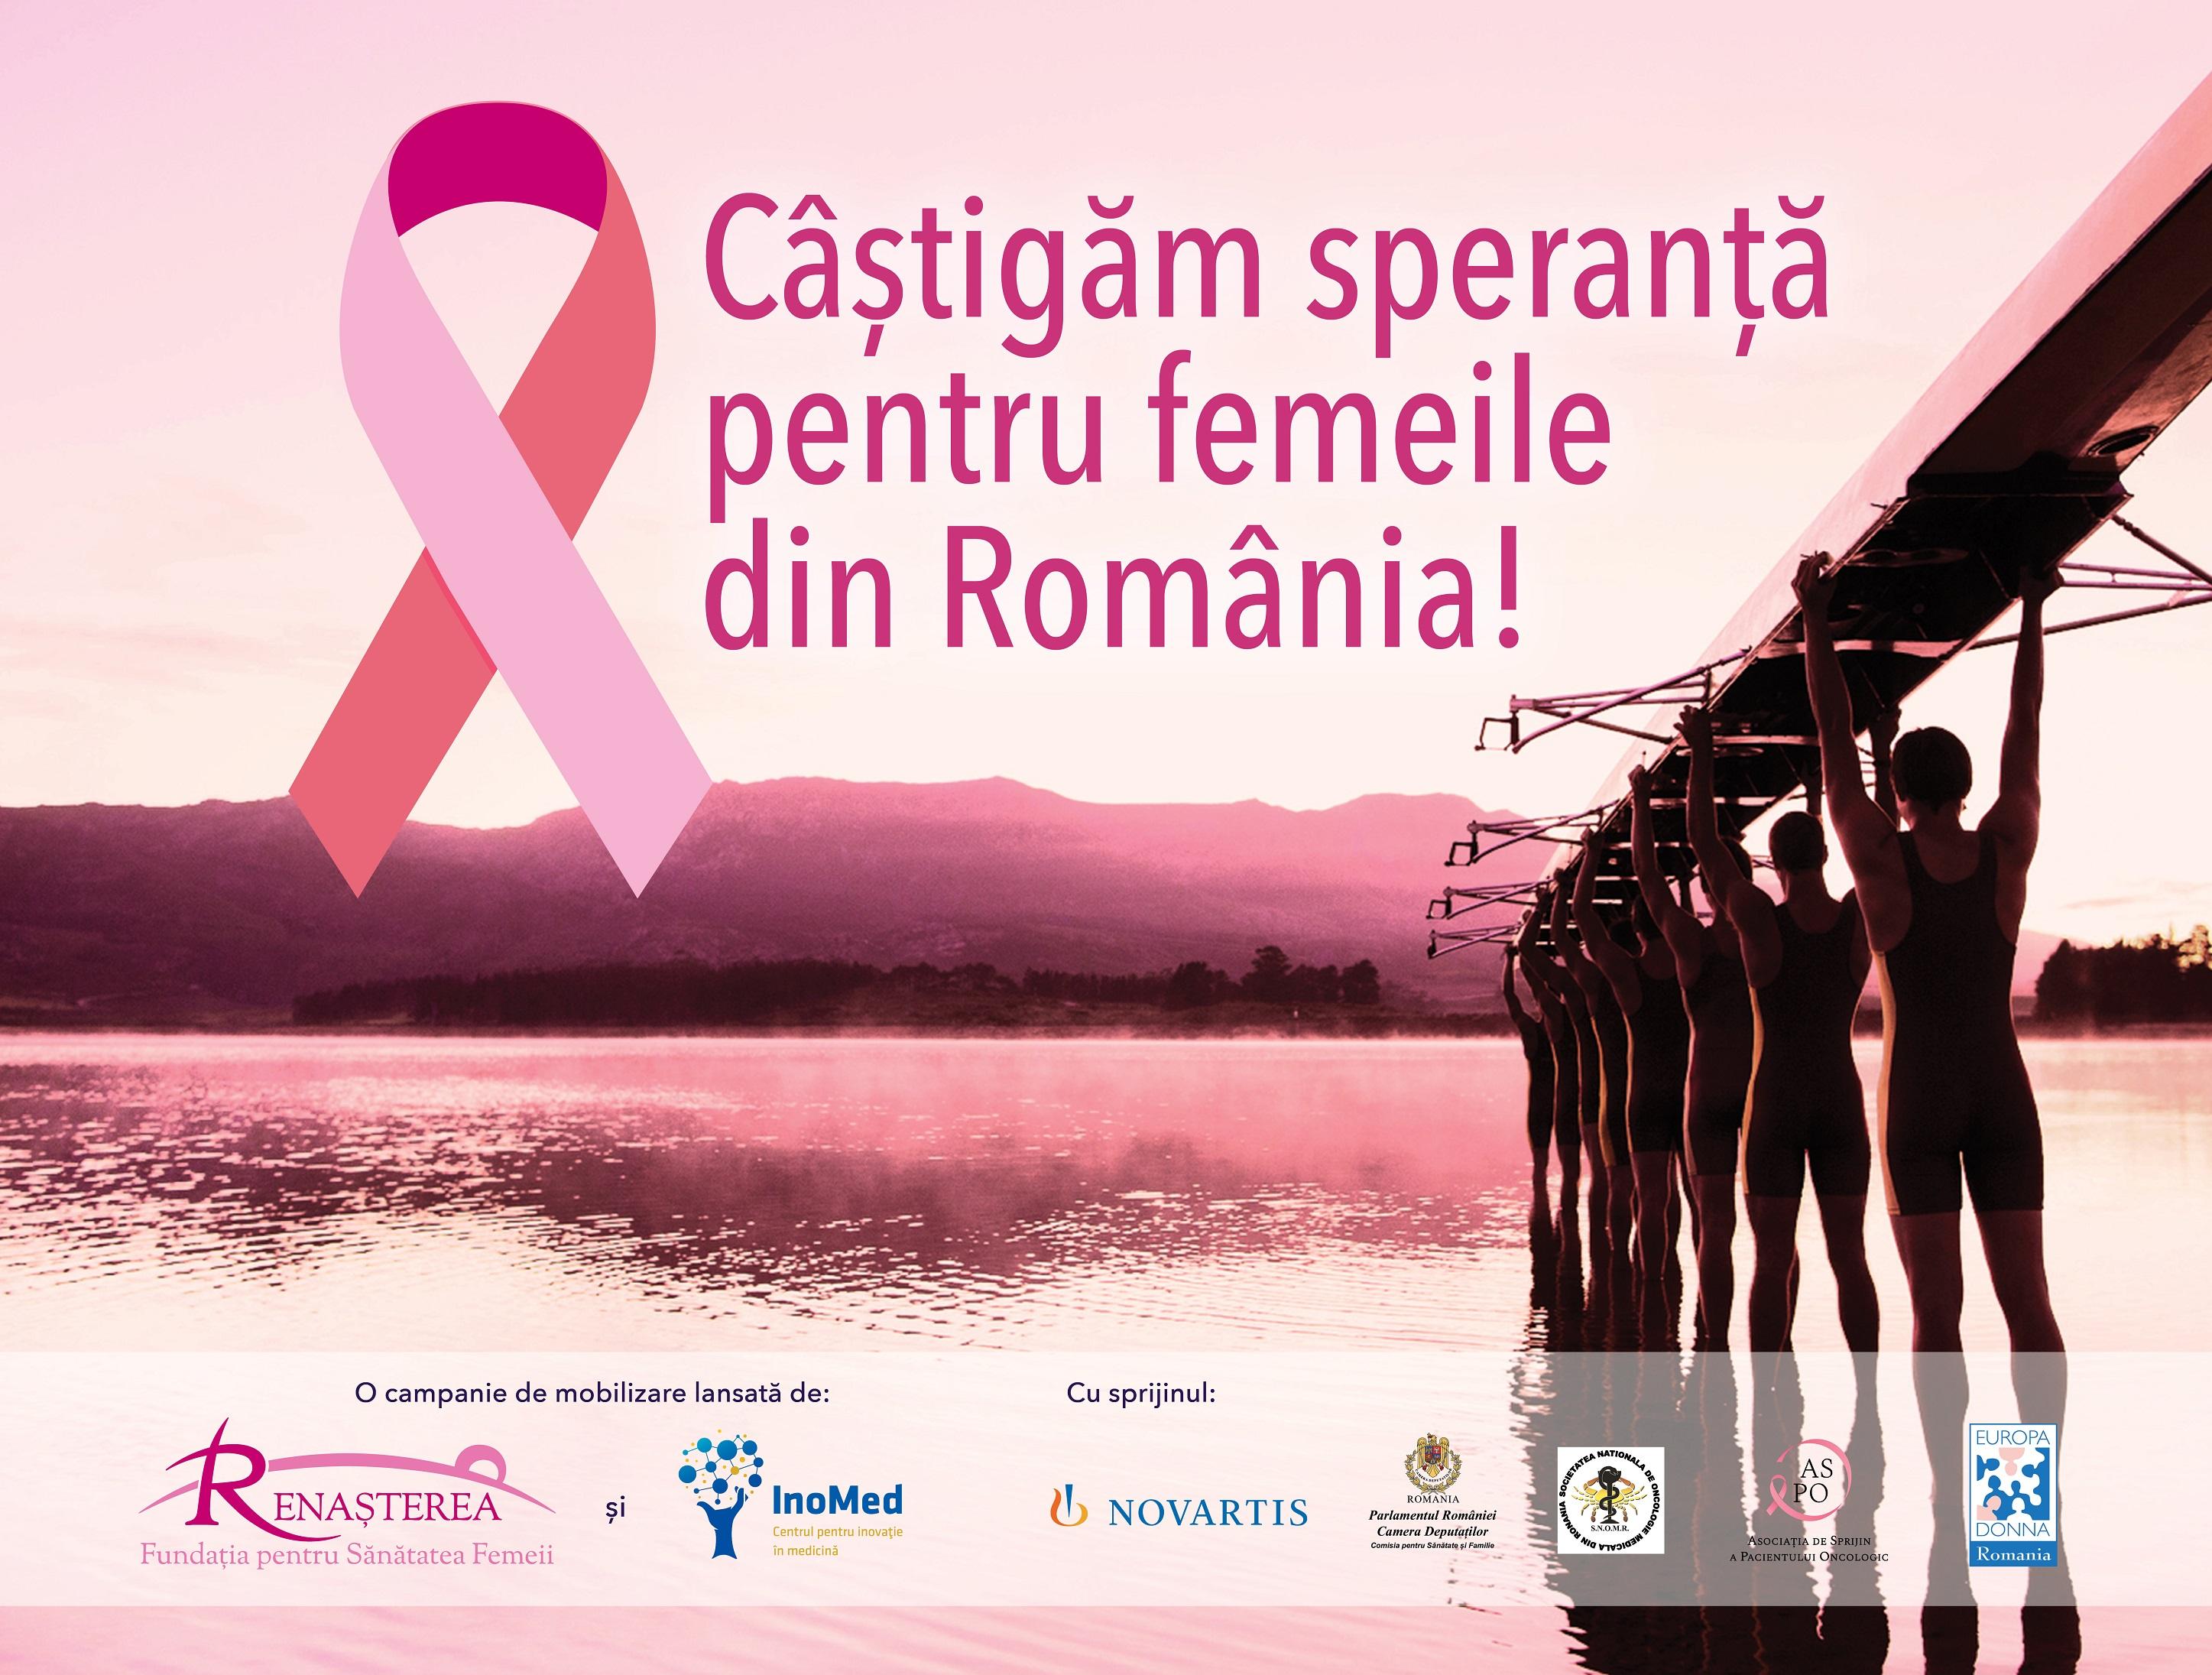 Fundația Renașterea și Centrul pentru Inovație în Medicină lansează un Apel pentru îmbunătățirea managementului cancerului mamar